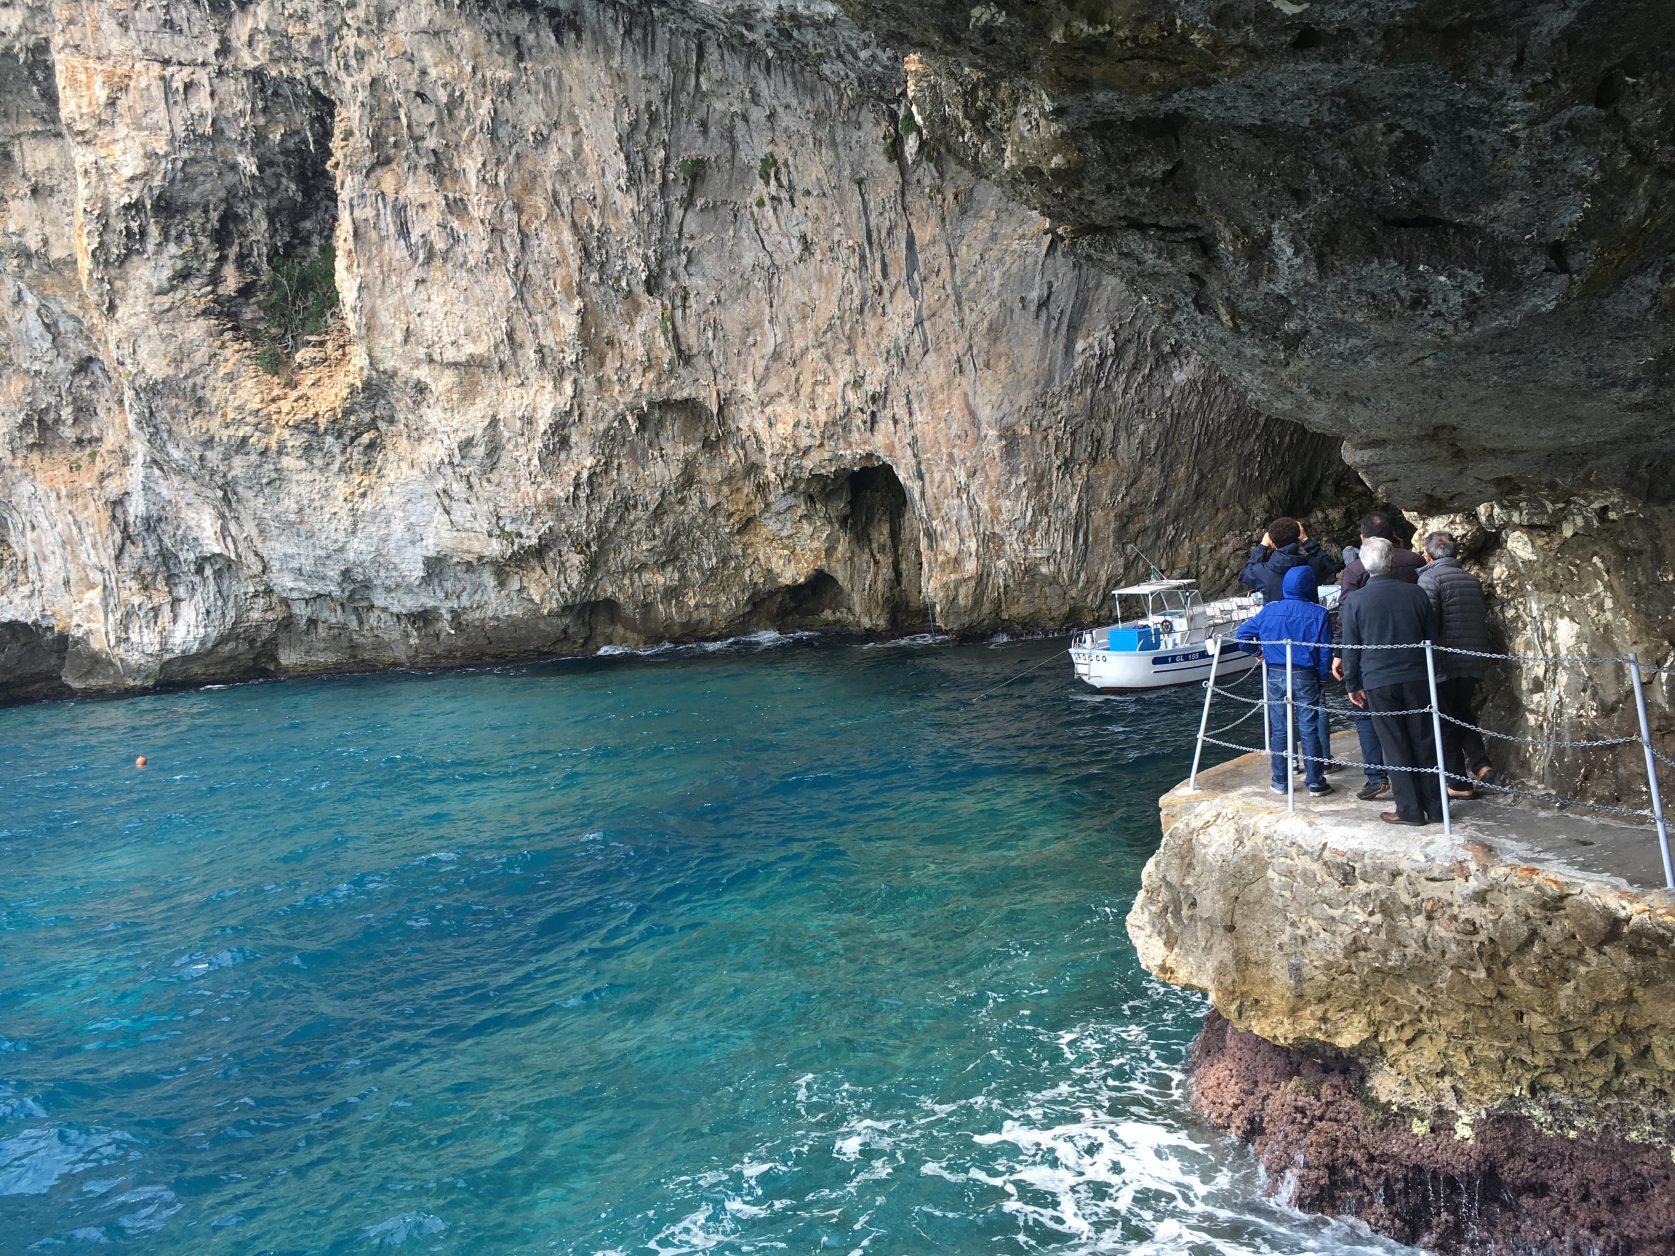 Der Eingang zur Grotta Zinzulusa liegt in einer zum Meer hin steil abfallenden Wand. Foto: D.Weirauch